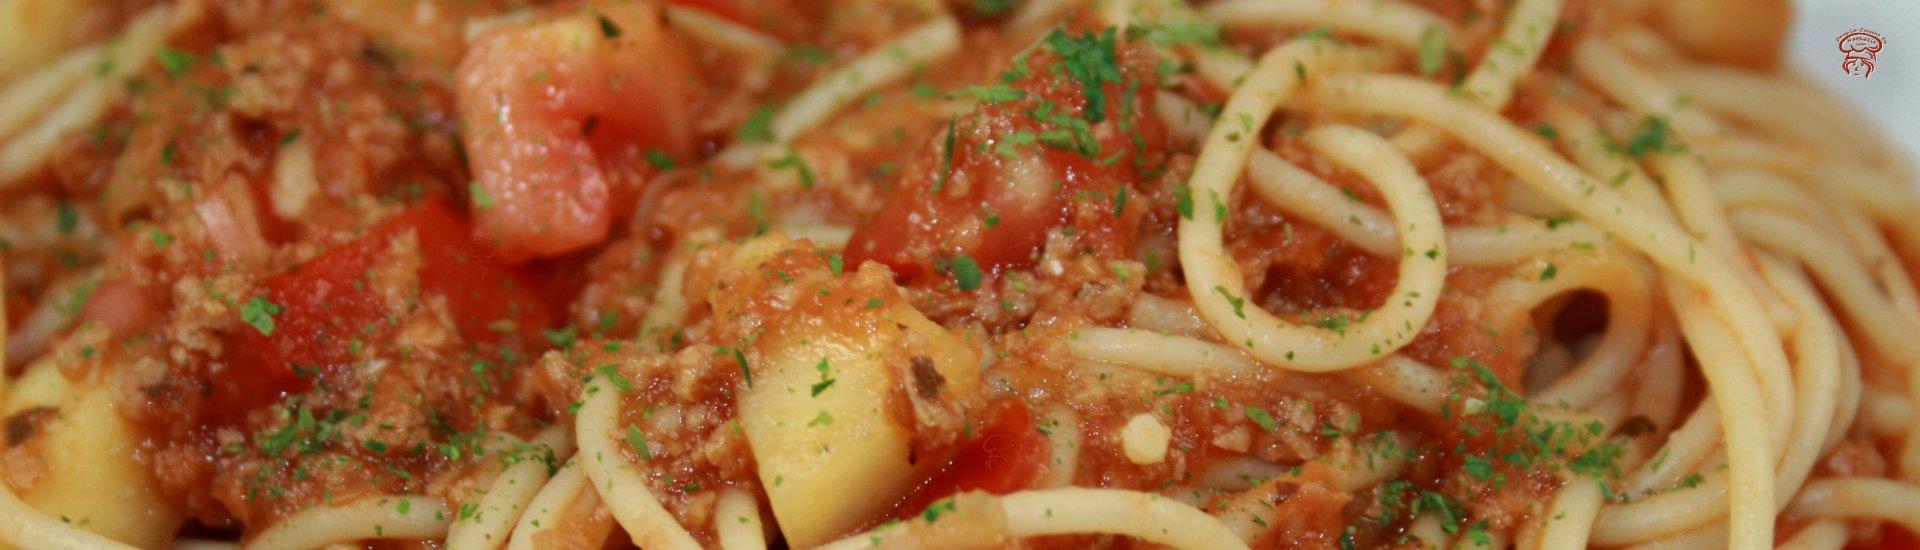 Spaghetti épicé aux courgettes et tomates